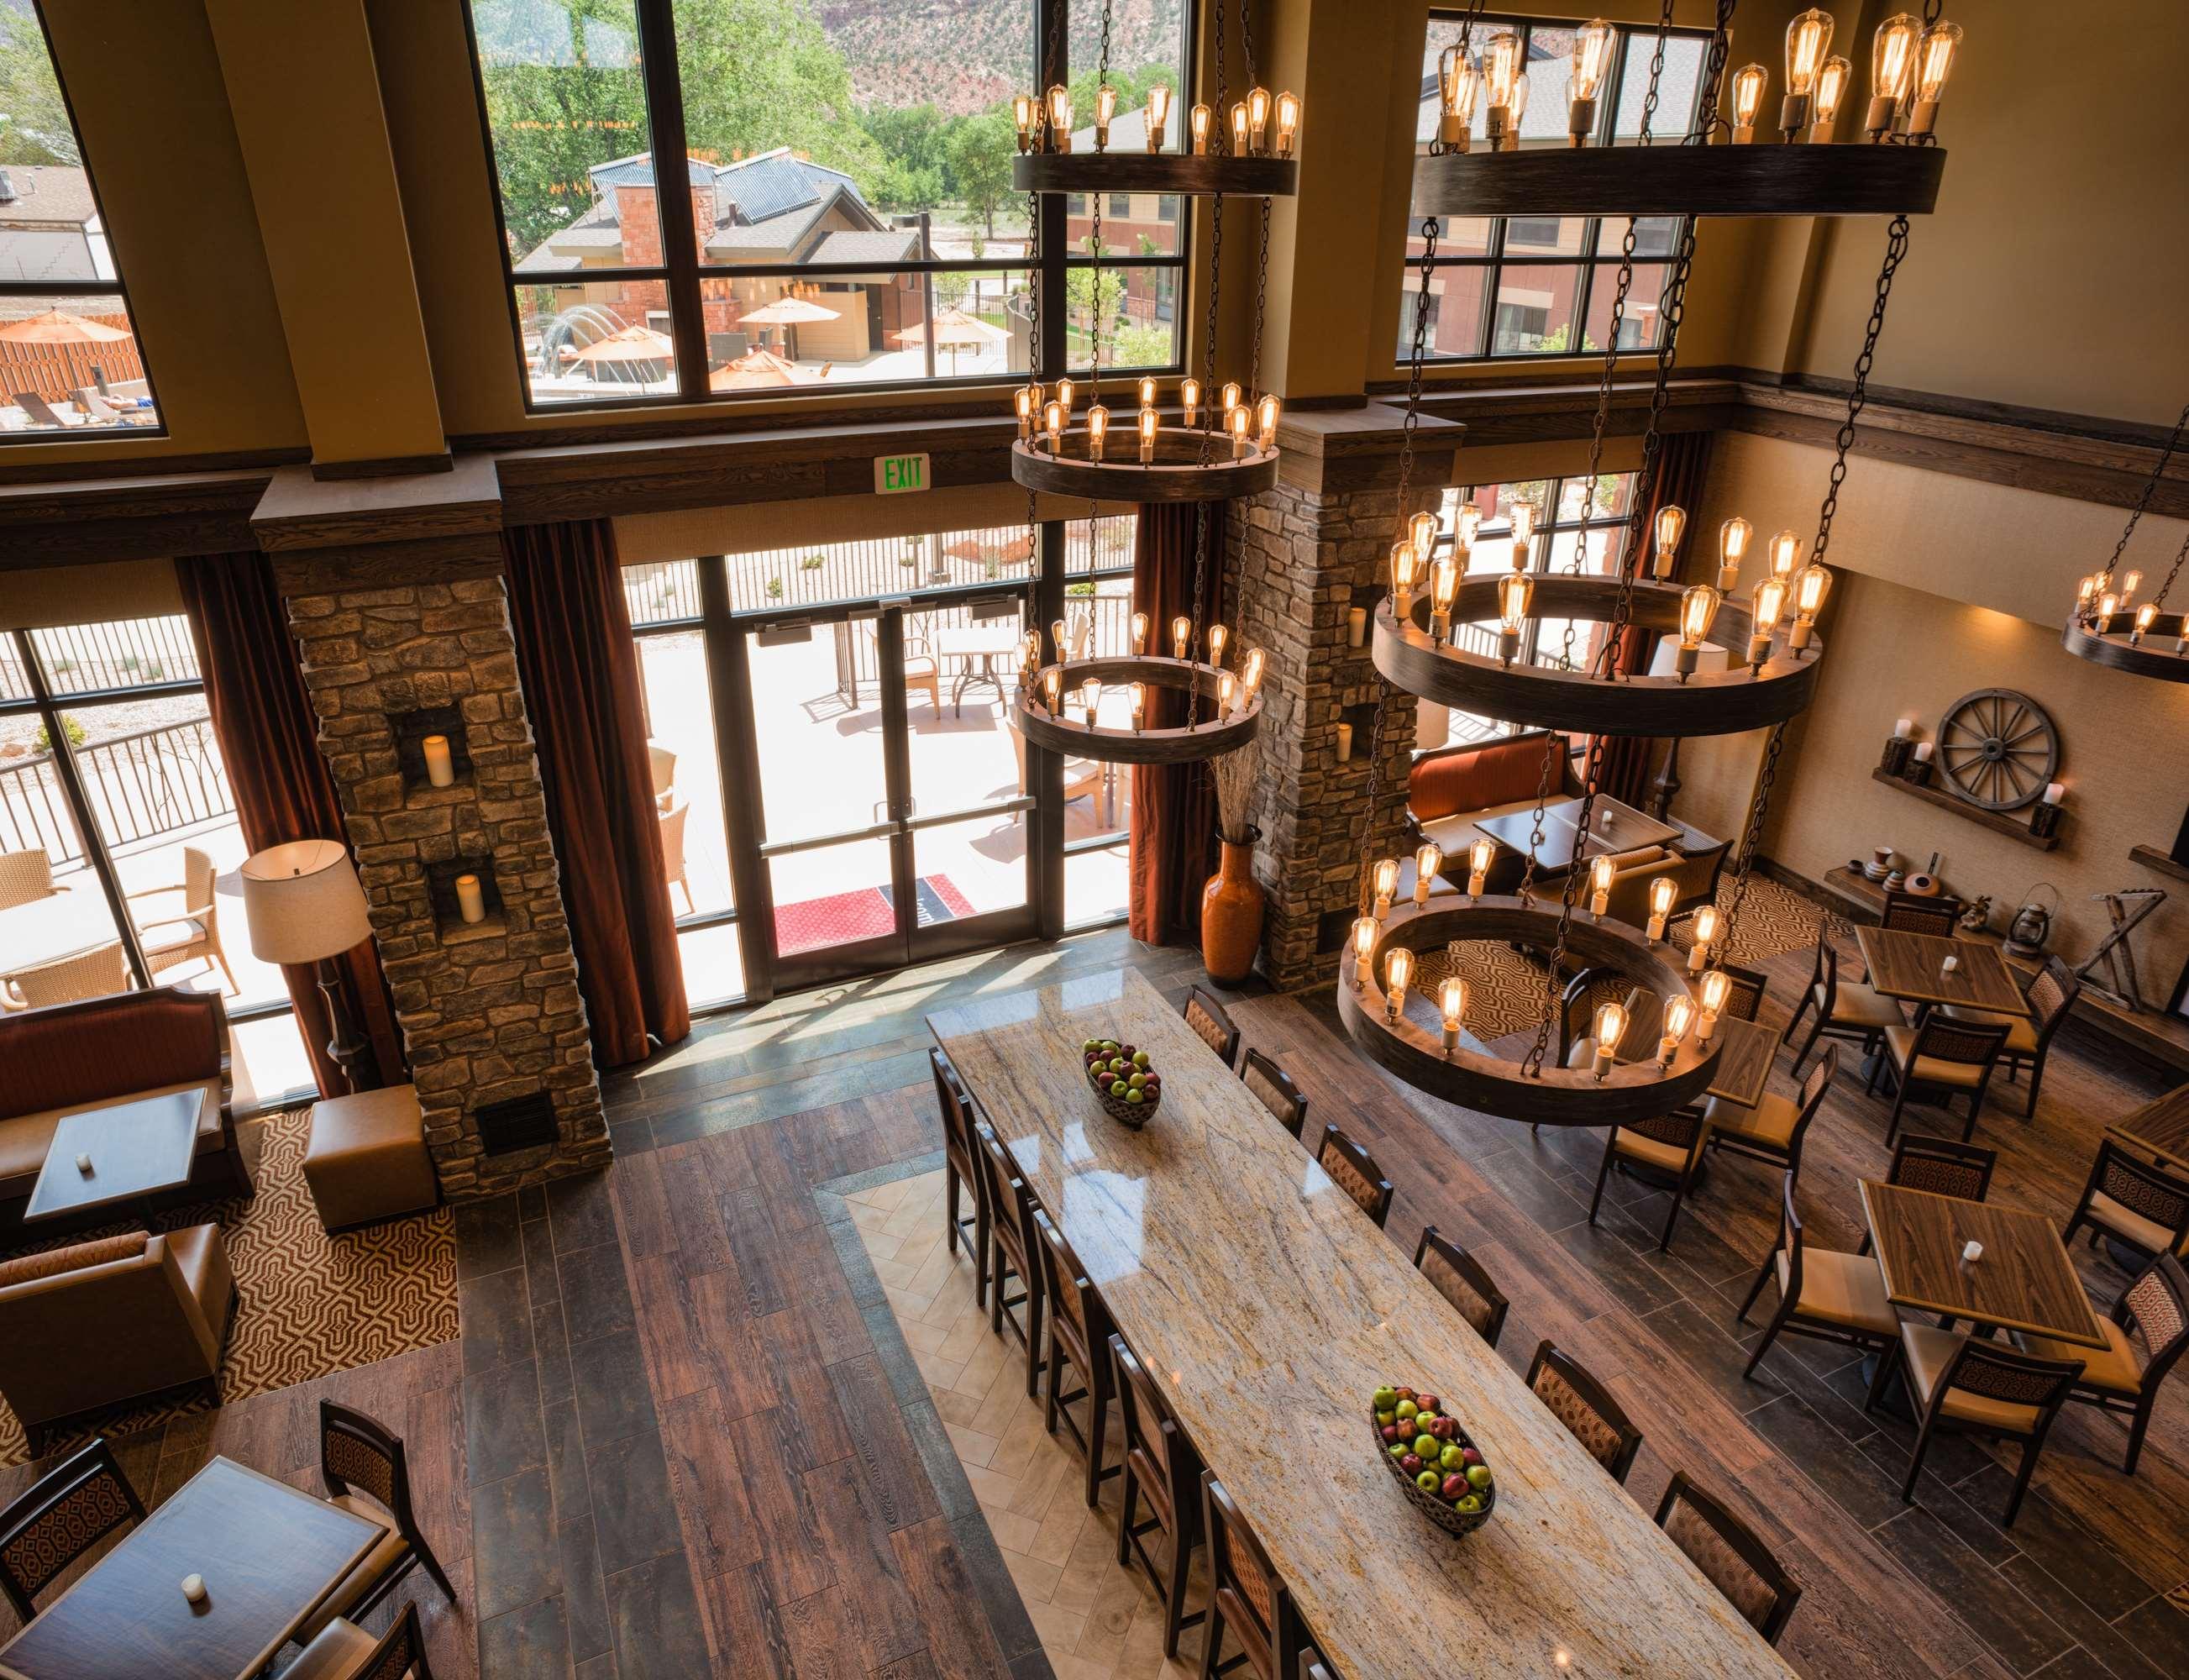 Hampton Inn & Suites Springdale/Zion National Park image 6